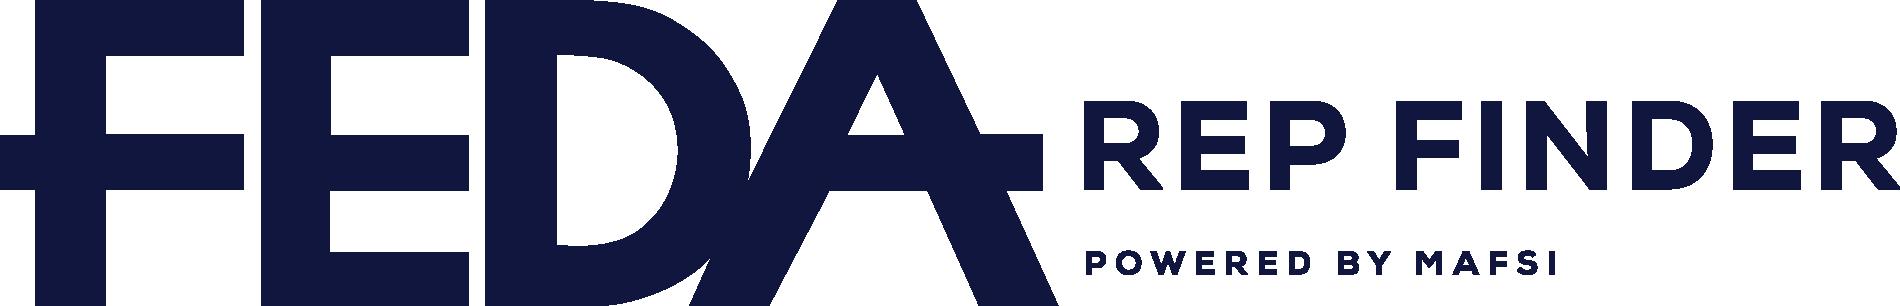 FEDA Rep Finder Logo